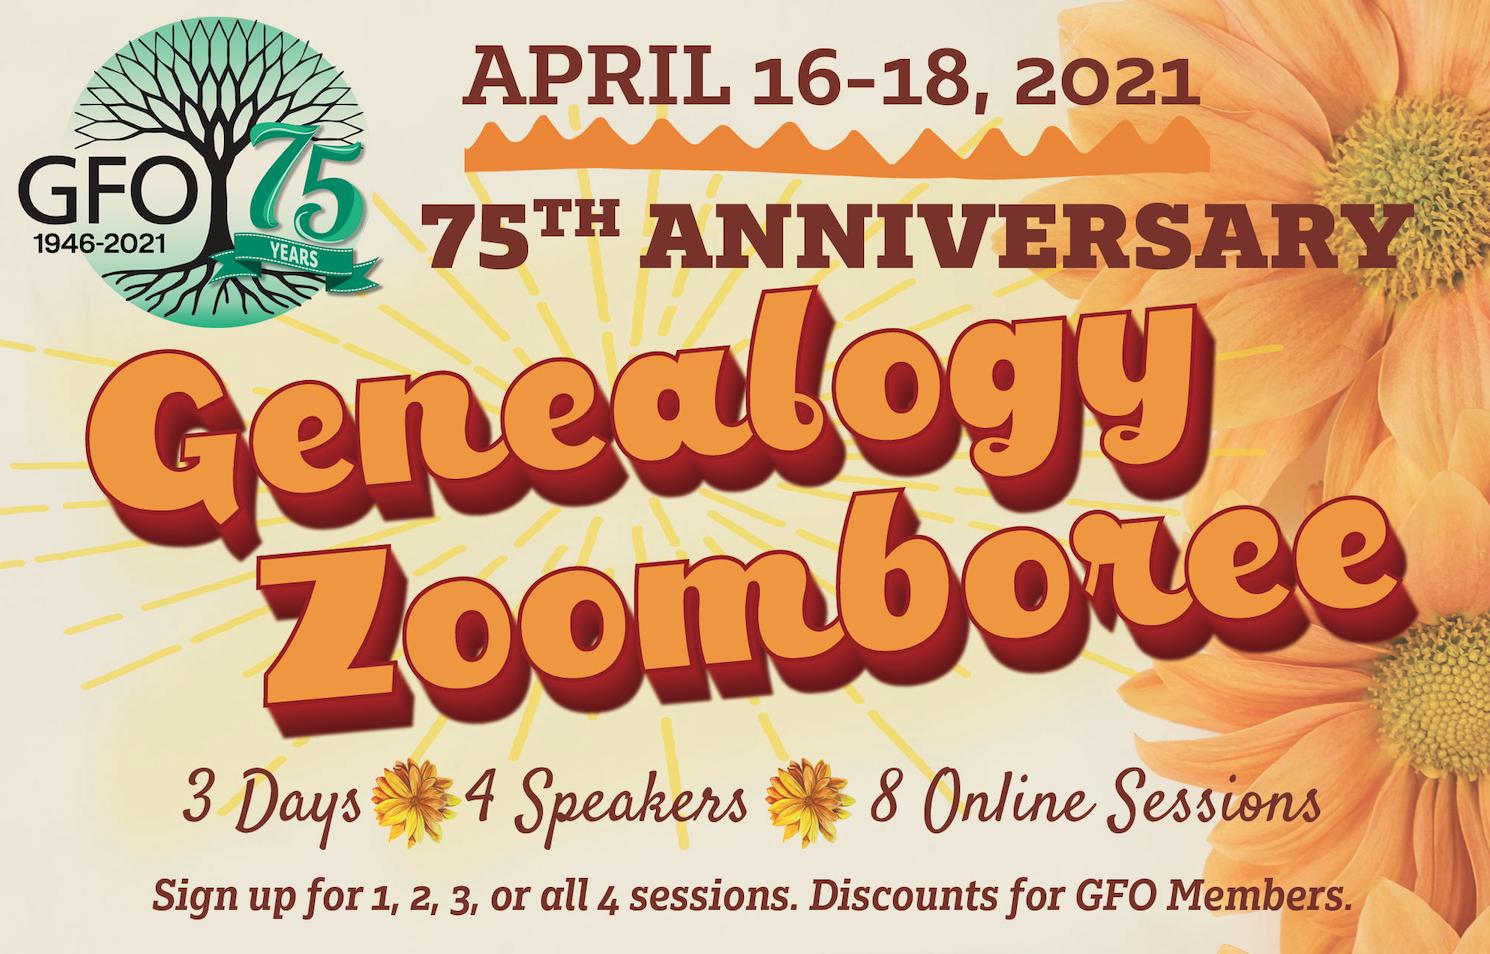 Genealogy Zoomboree